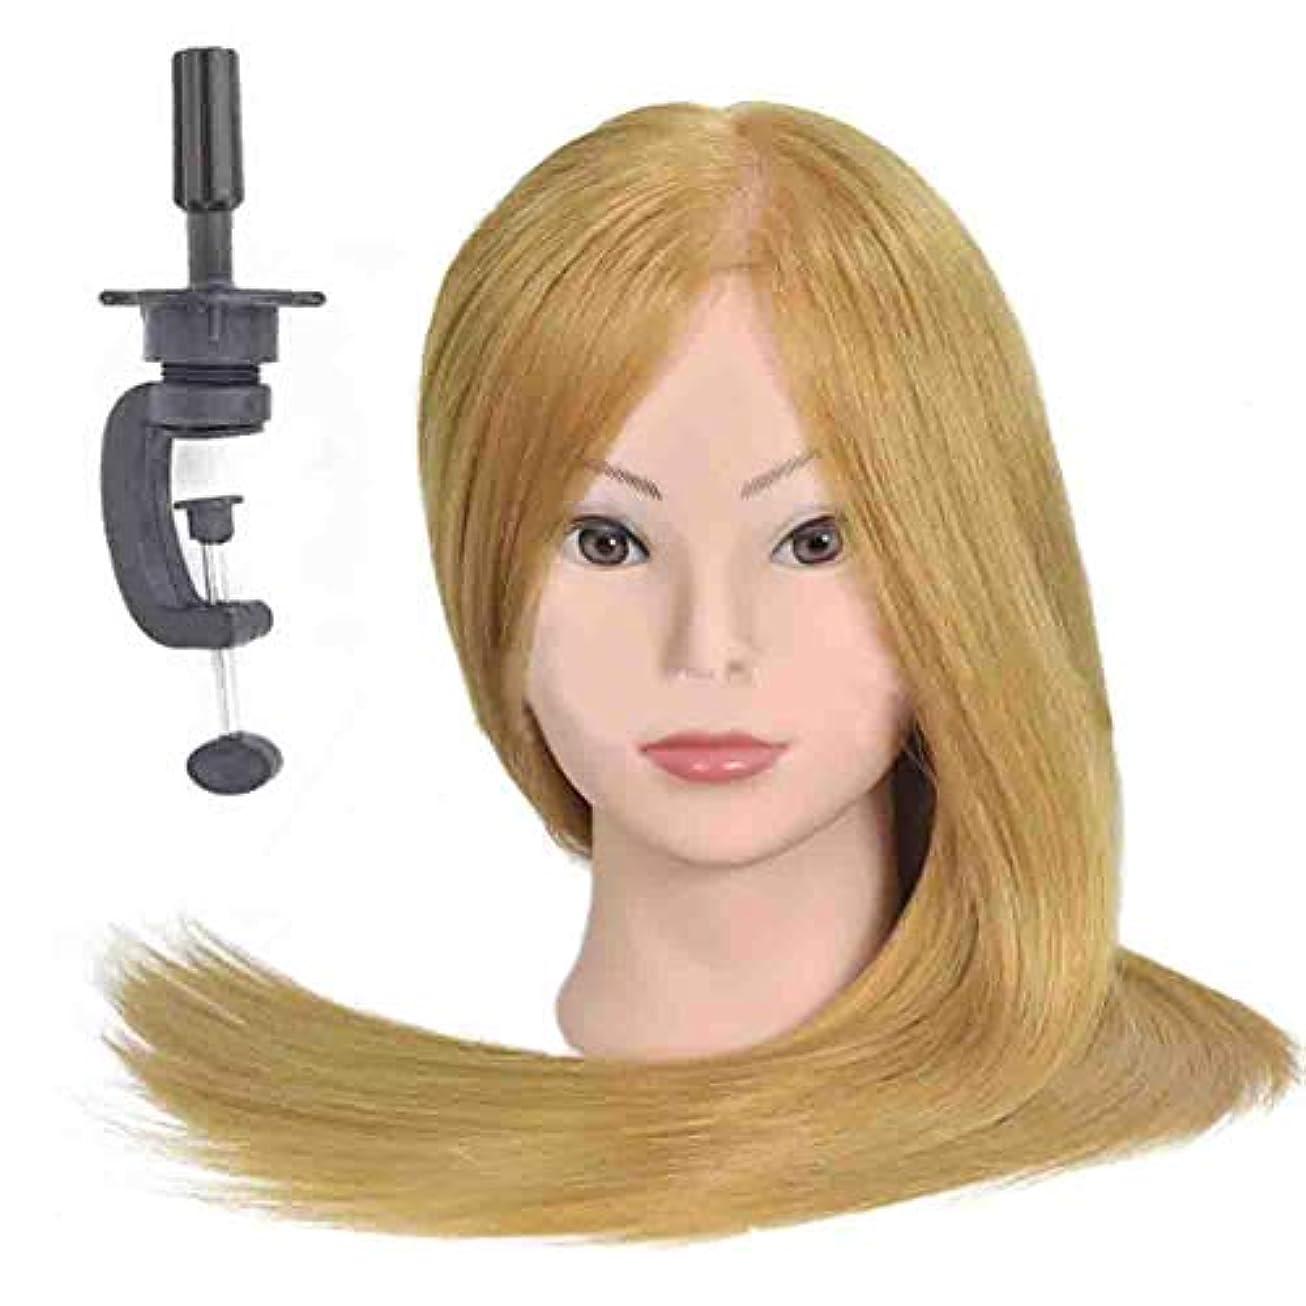 未就学パンダ再発するメイクディスクヘアスタイリング編み教育ダミーヘッドサロンエクササイズヘッド金型理髪ヘアカットトレーニングかつら